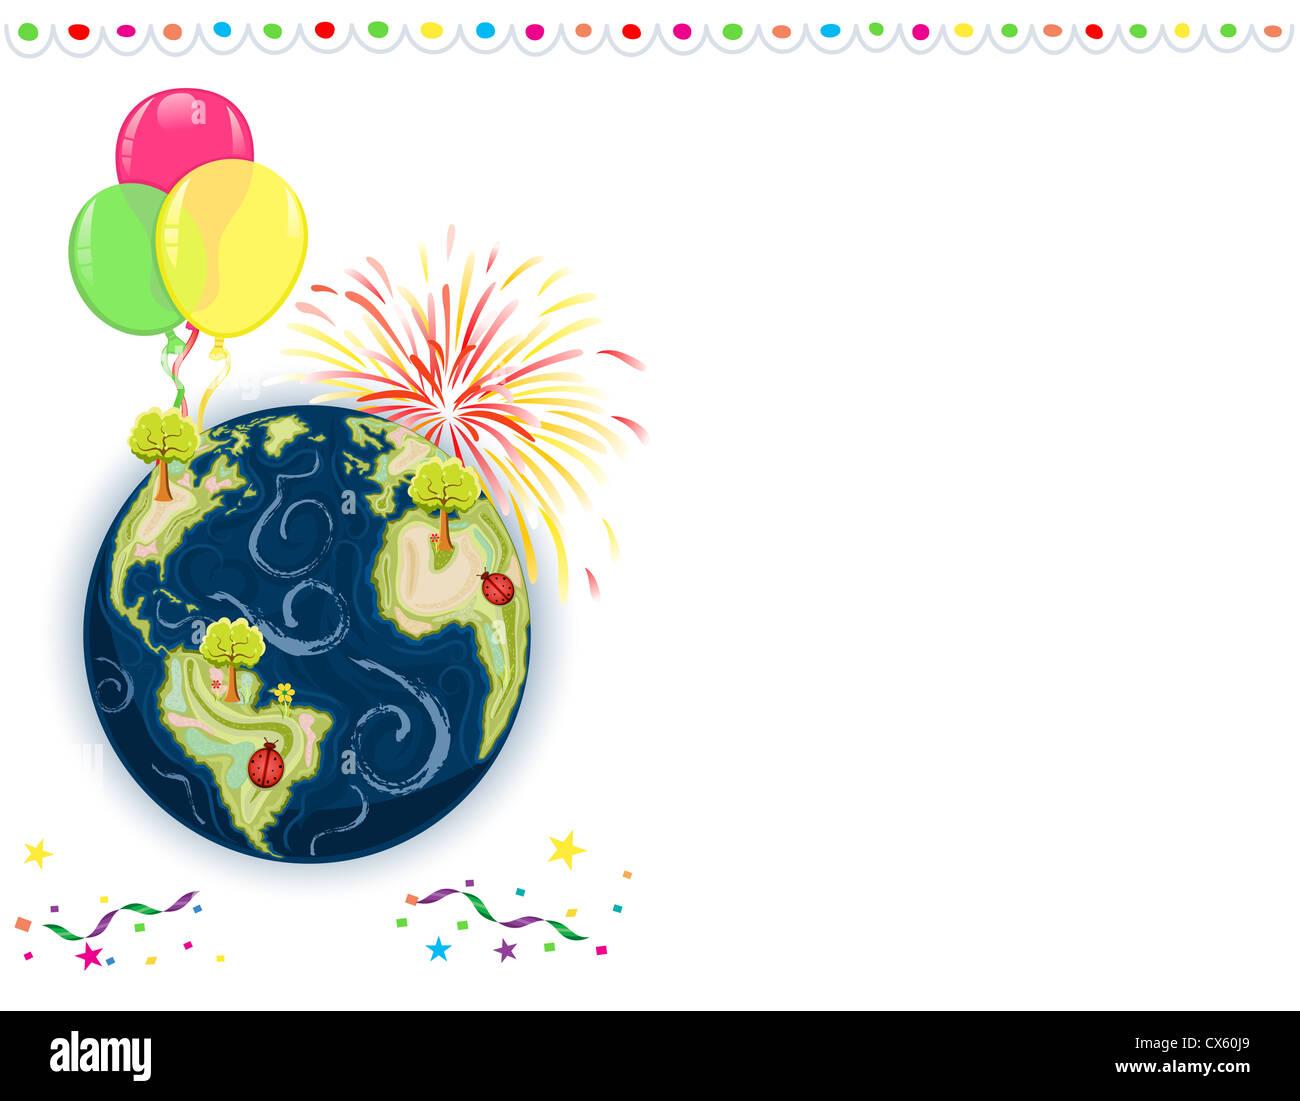 Célébration de la Journée de la terre - carte de souhaits avec des ballons, d'artifice et confettis. Photo Stock